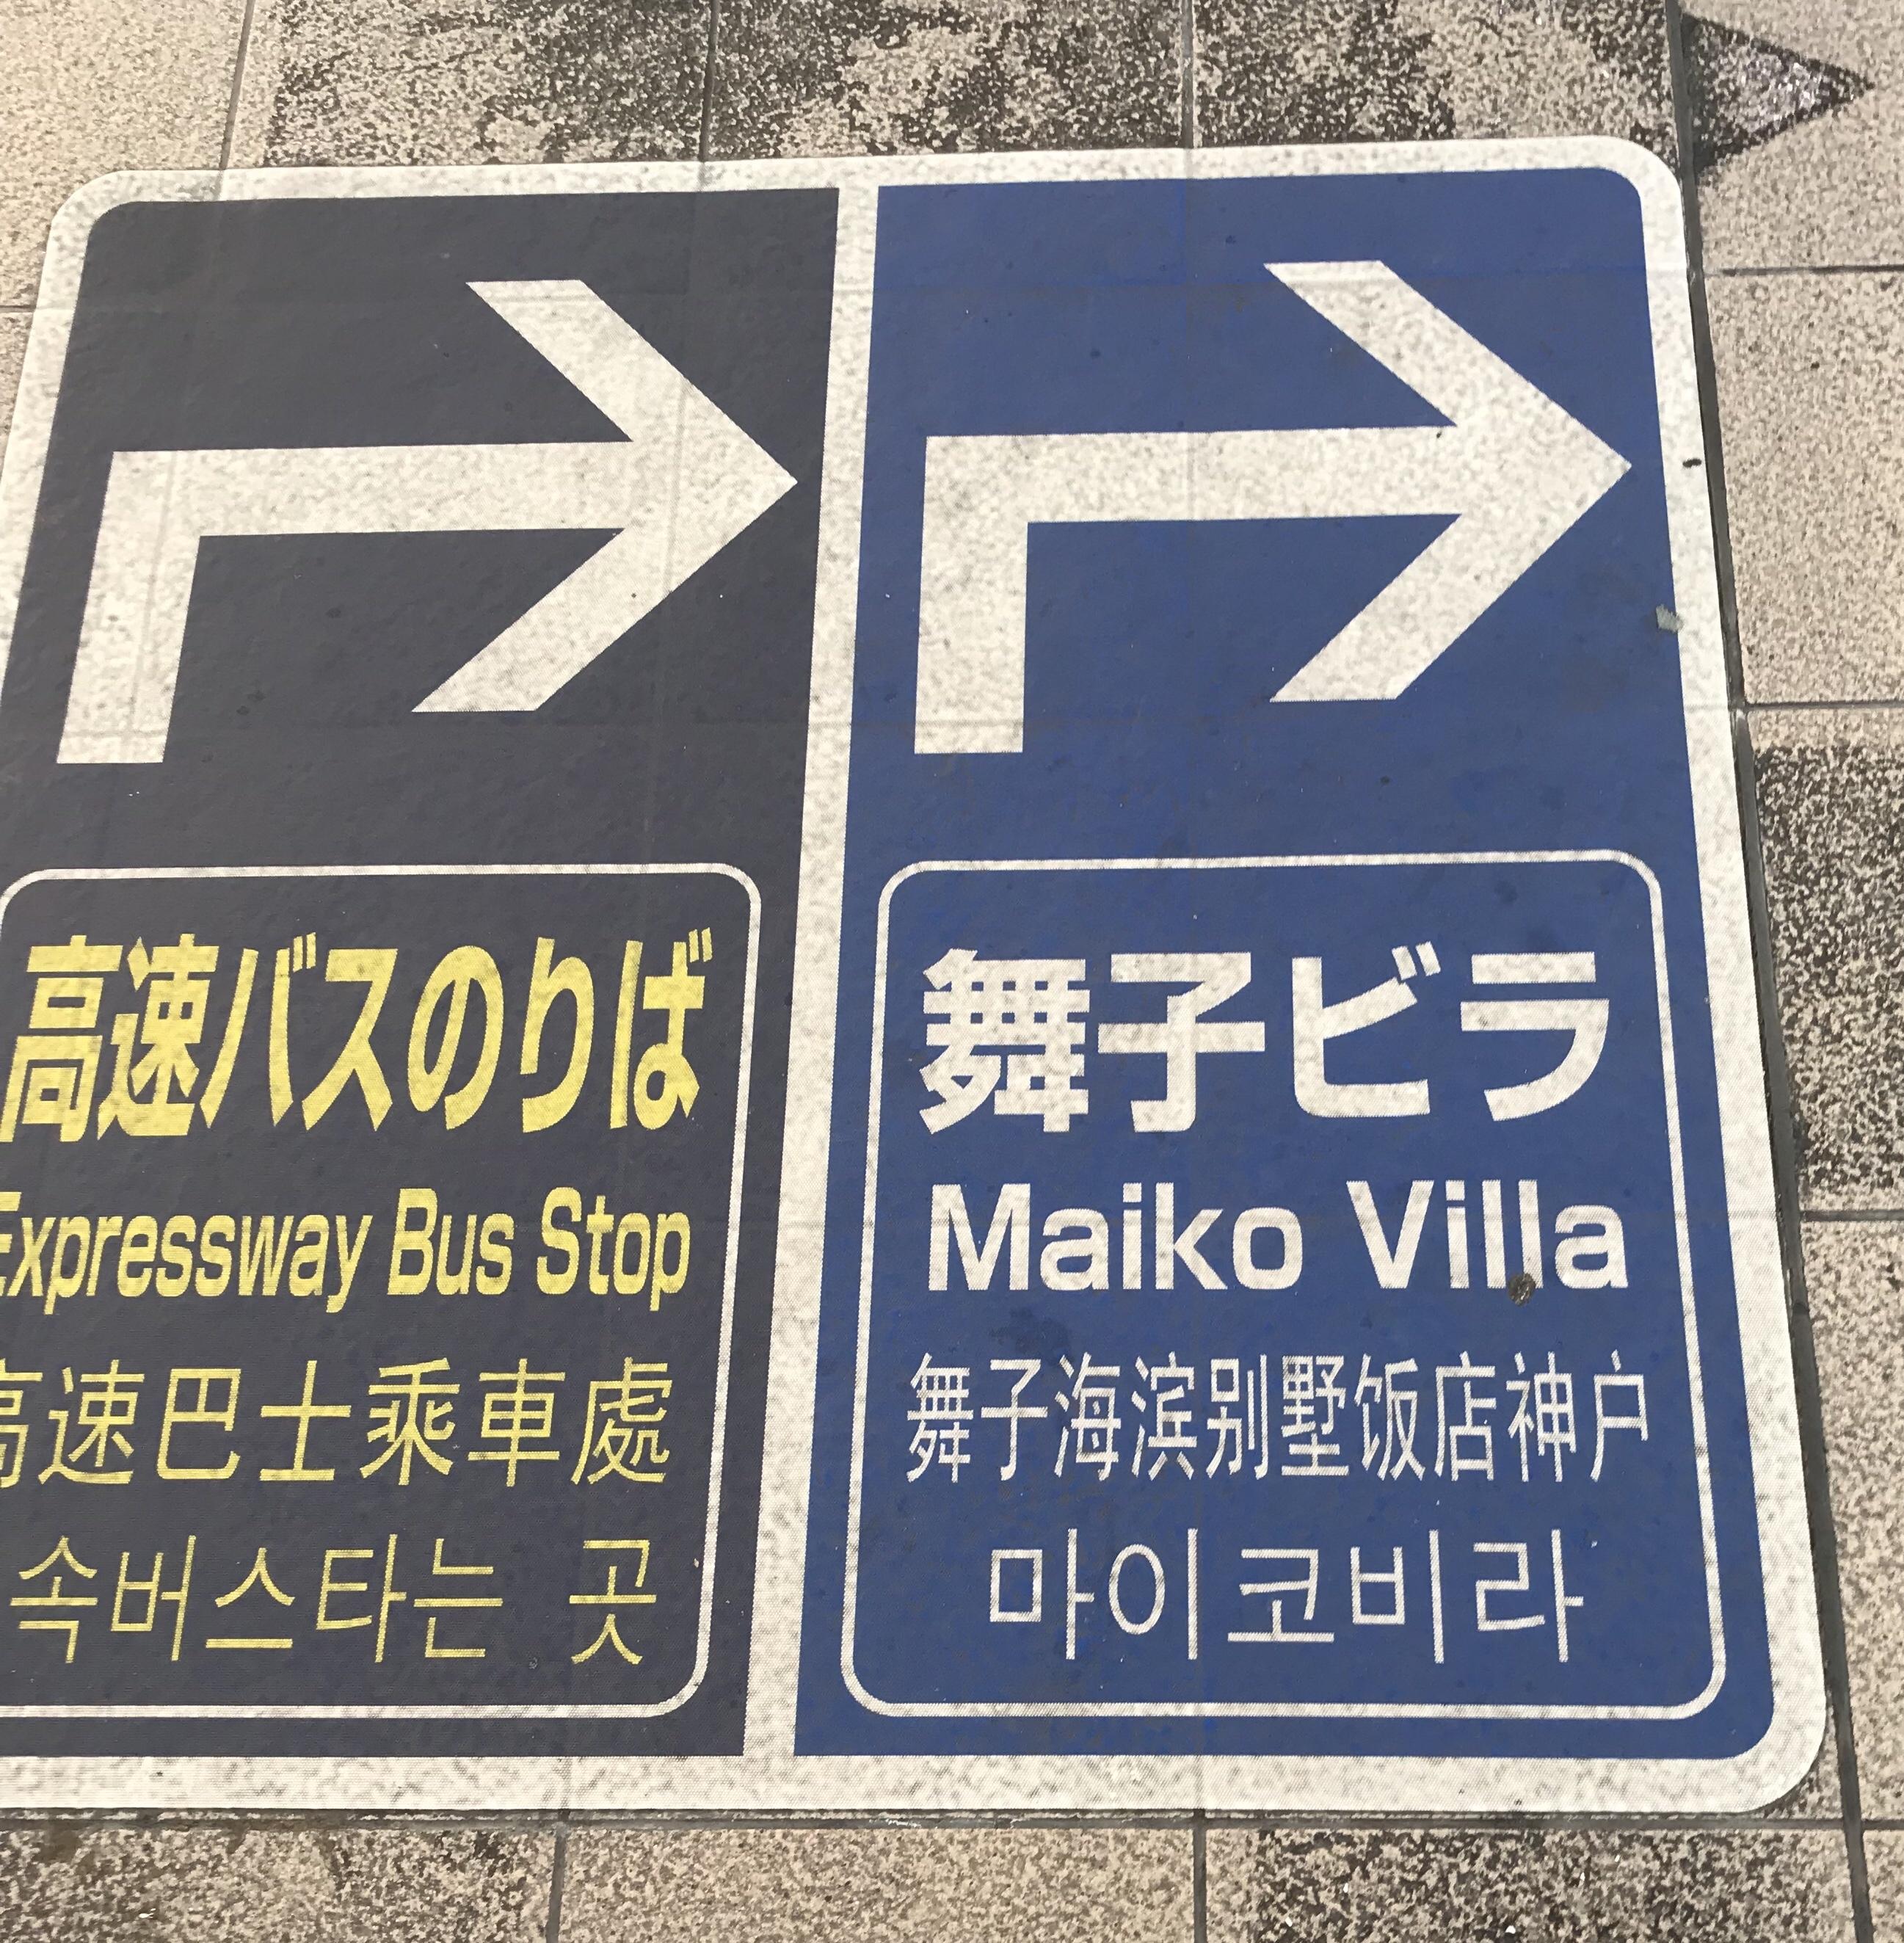 シーサイドホテル舞子ビラ神戸への行き方案内